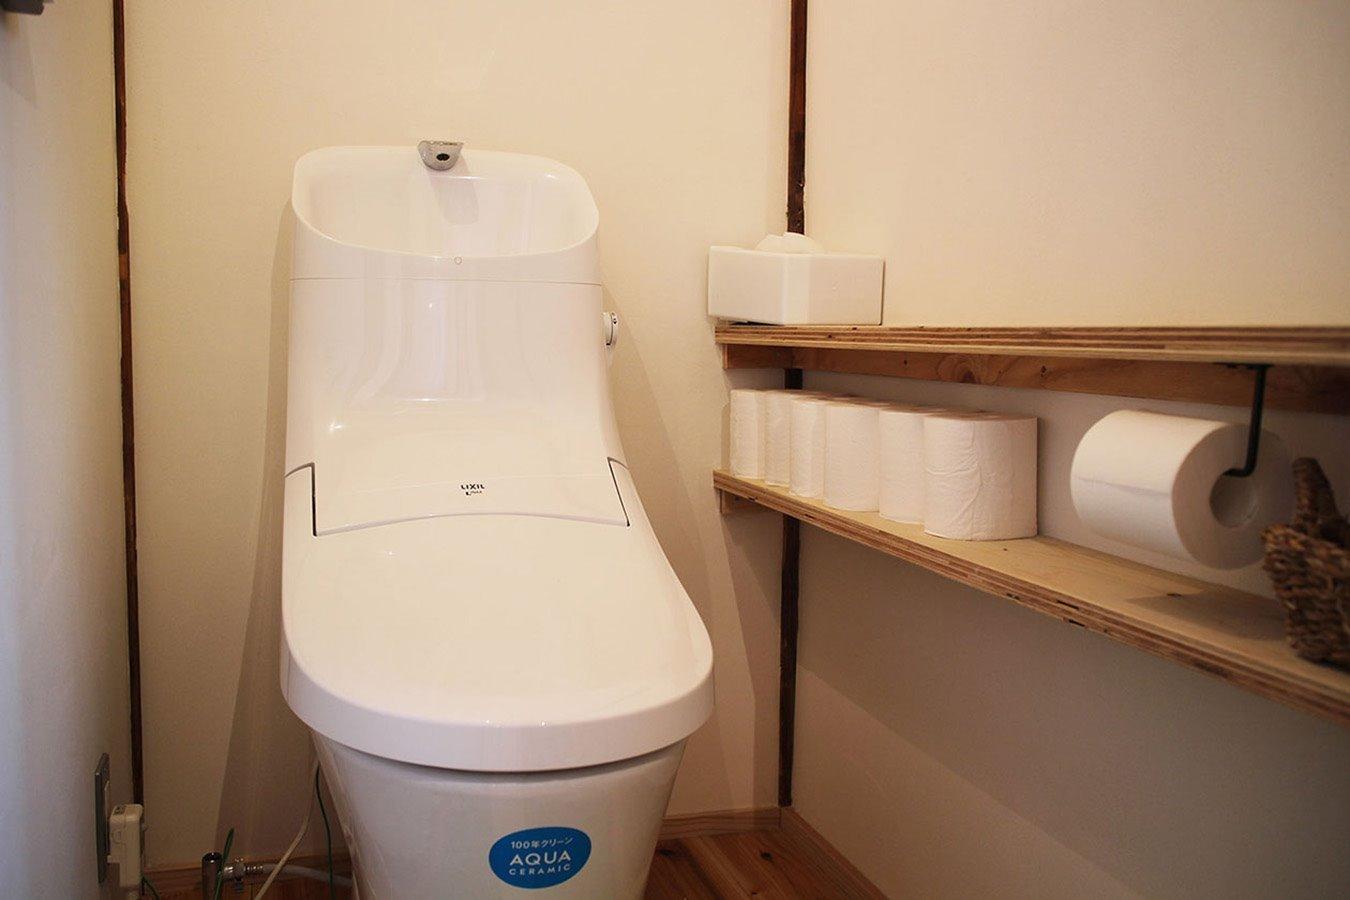 2F toilet